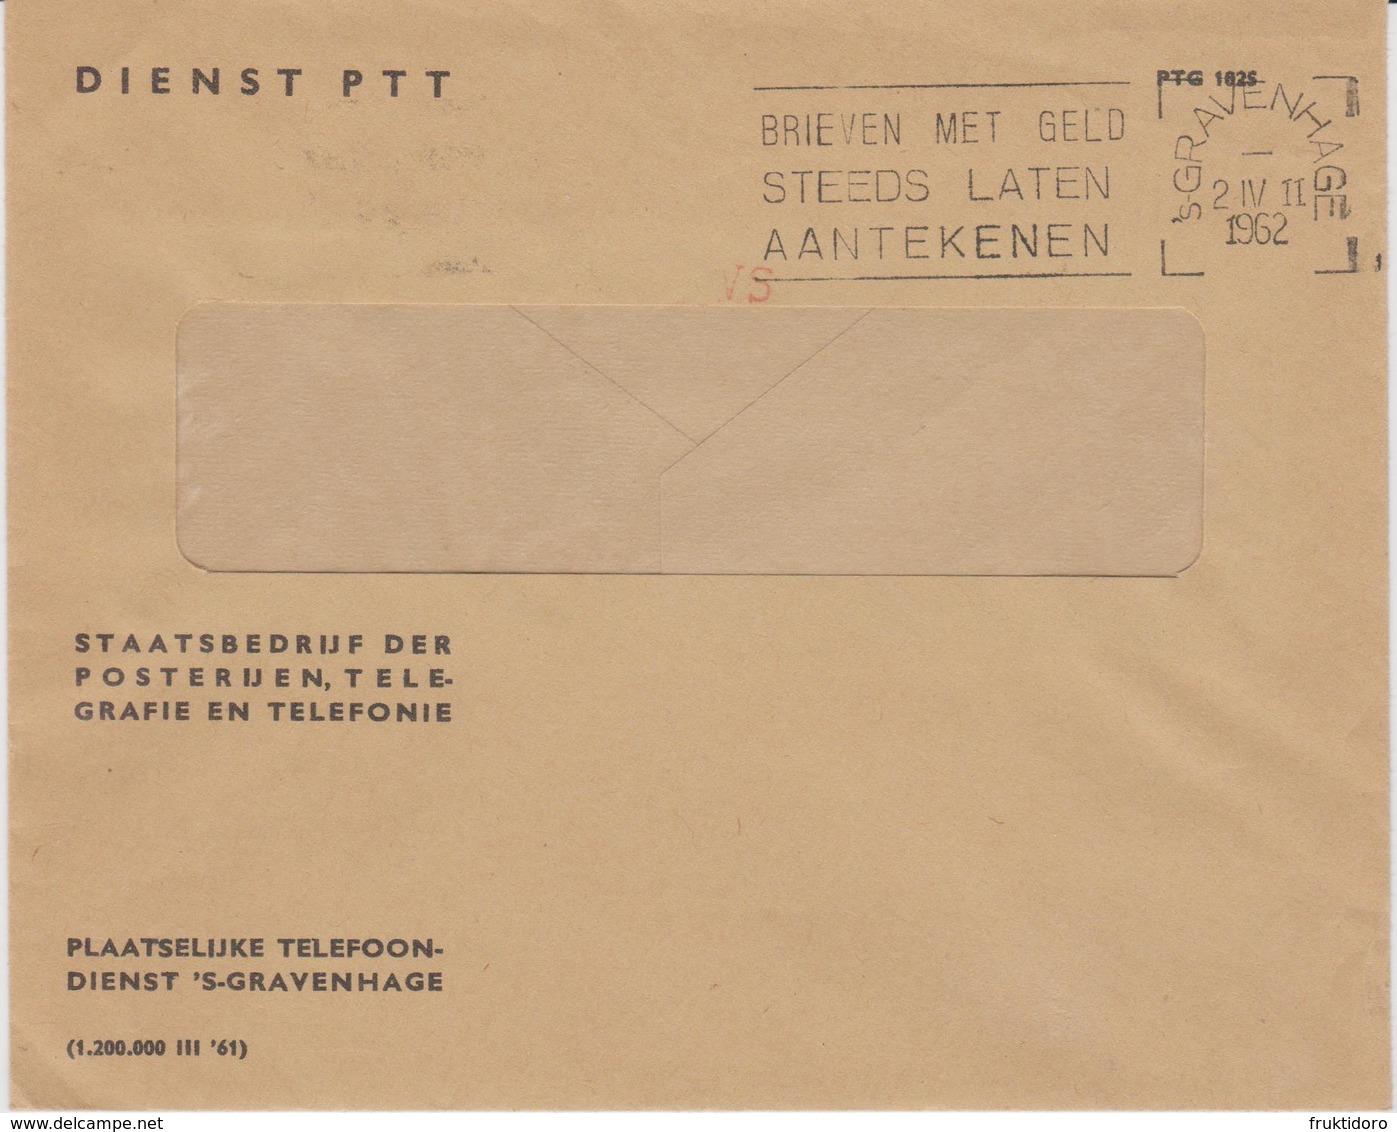 Netherlands Flamme Postale - Postmark - Poststempel Brieven Met Geld Steeds Laten Aantekenen - 1962 - Marcofilie - EMA (Print Machine)